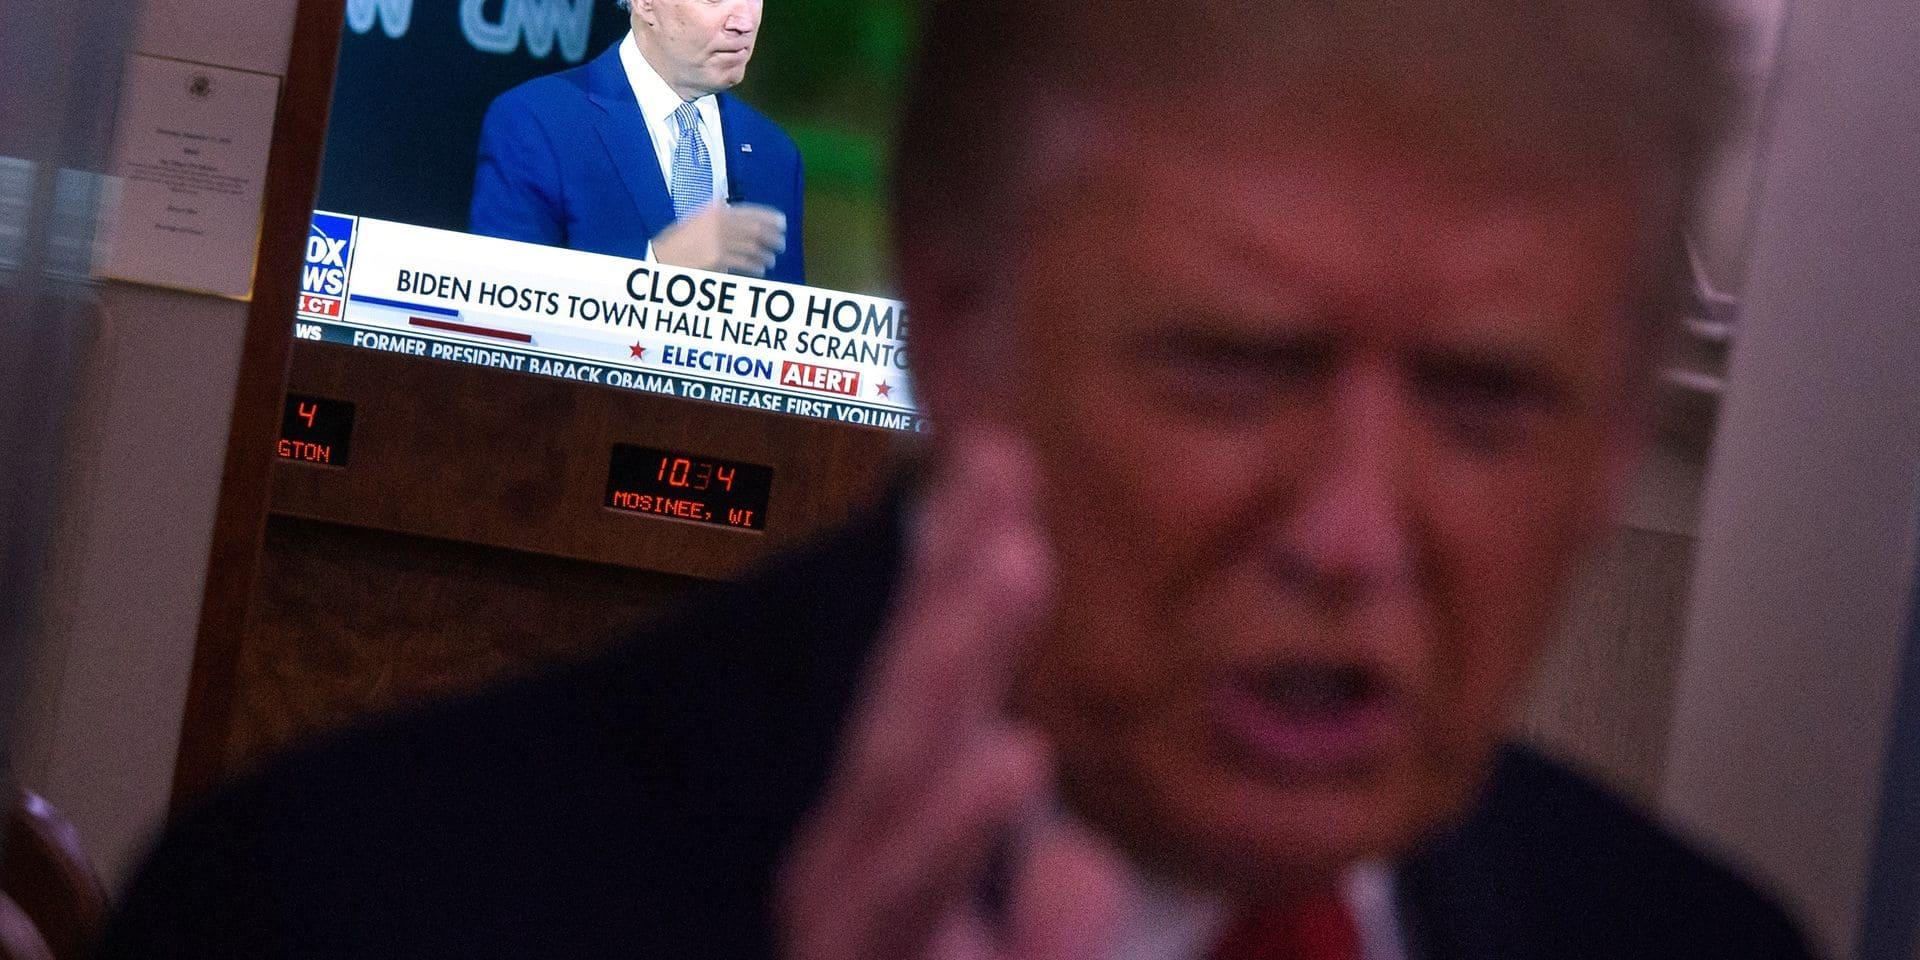 Covid-19, économie et Cour suprême parmi les sujets du premier débat Biden-Trump